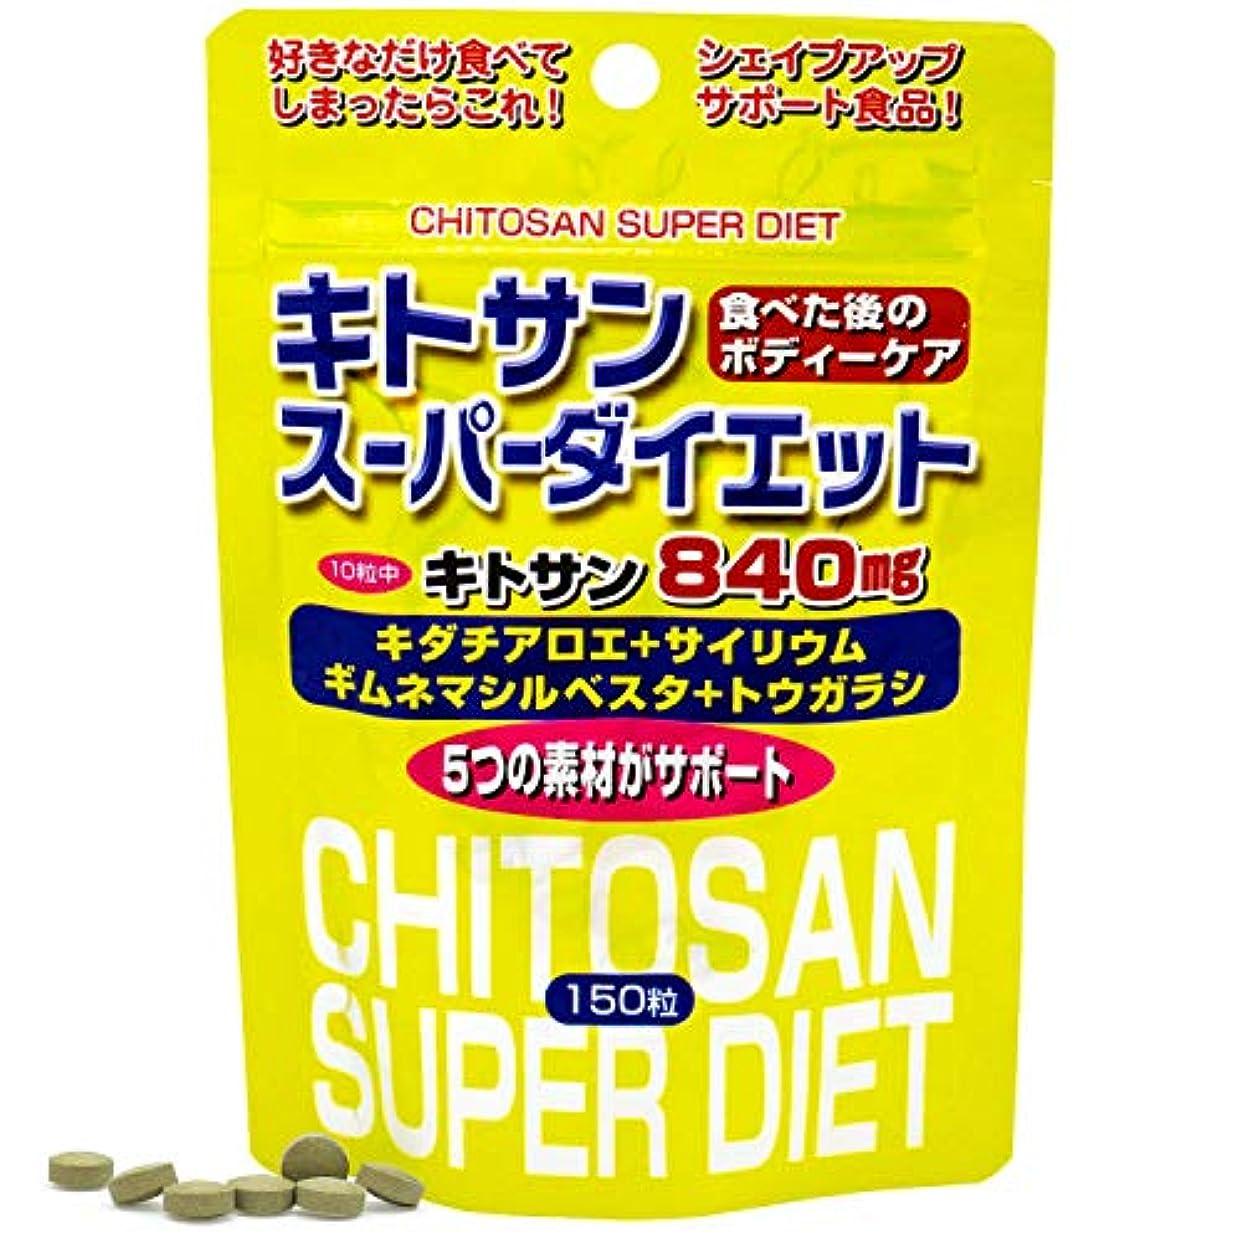 修道院テクトニック振りかけるユウキ製薬 スタンドパック キトサンスーパーダイエット 15-21日分 150粒